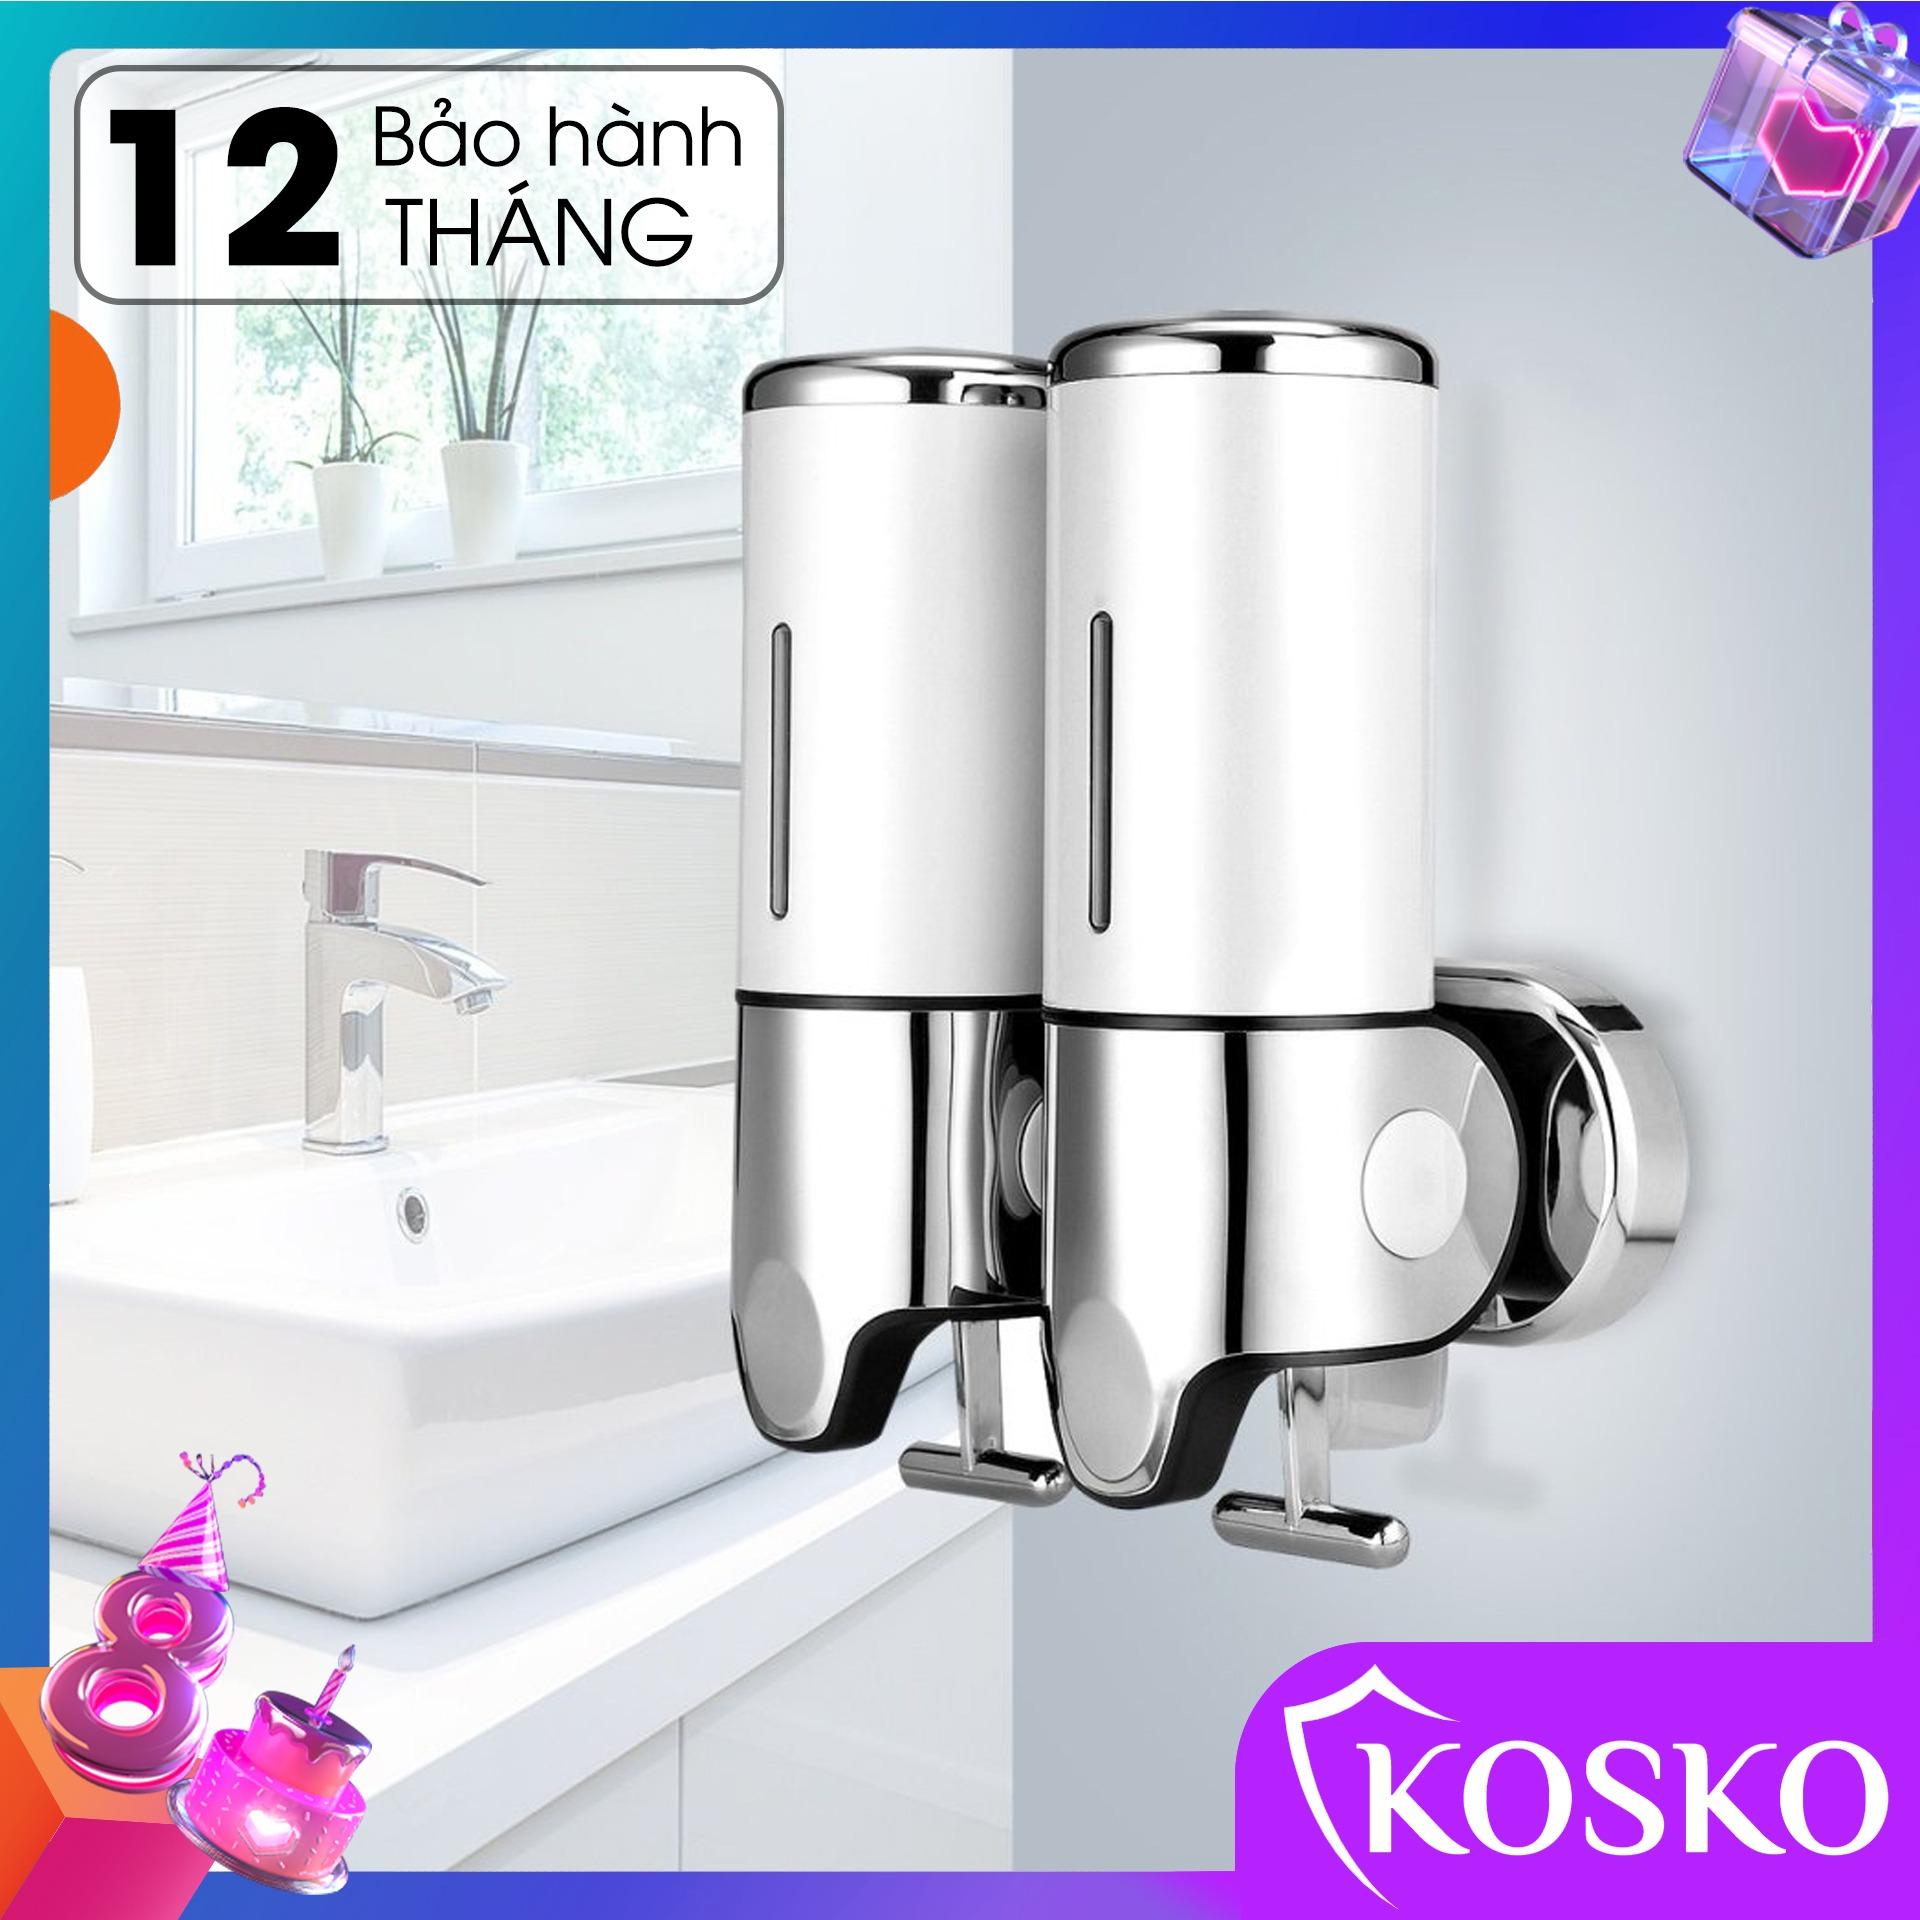 Hộp đựng dầu gội sữa tắm gắn tường KOSKO mã GANGANG KGG-175TĐ Trắng đôi, hộp đựng nước rửa tay lắp đặt dễ dàng - Sử Dụng Tiện Lợi (Bảo hành 12 tháng - 1 đổi 1 trong 15 ngày)